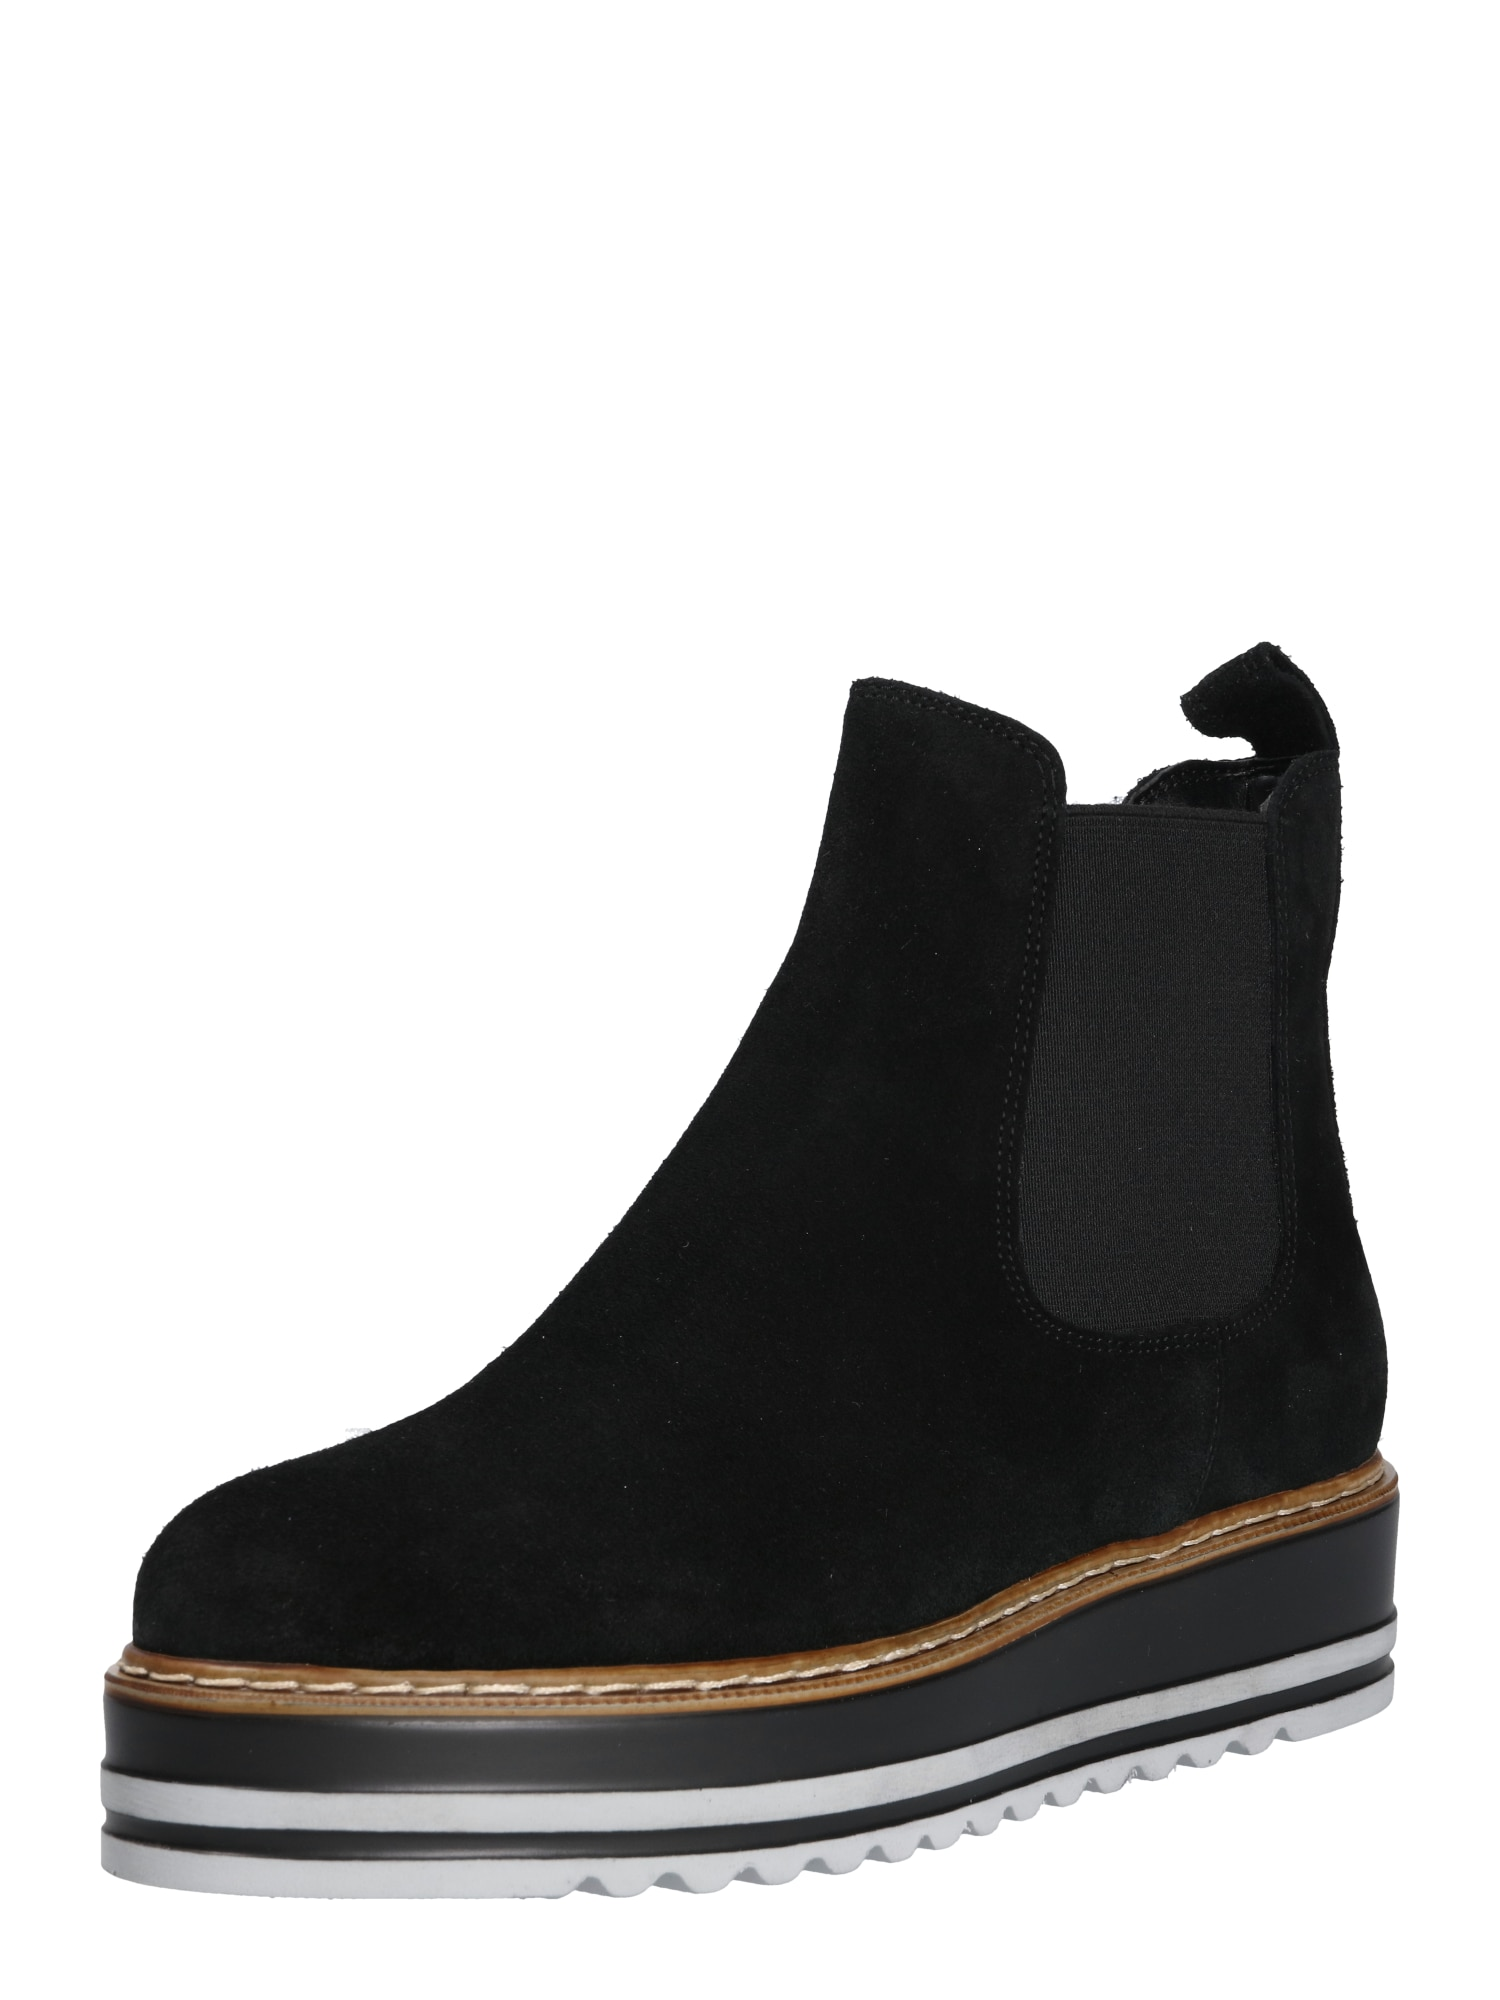 Chelsea boty PRIMO černá Dune LONDON